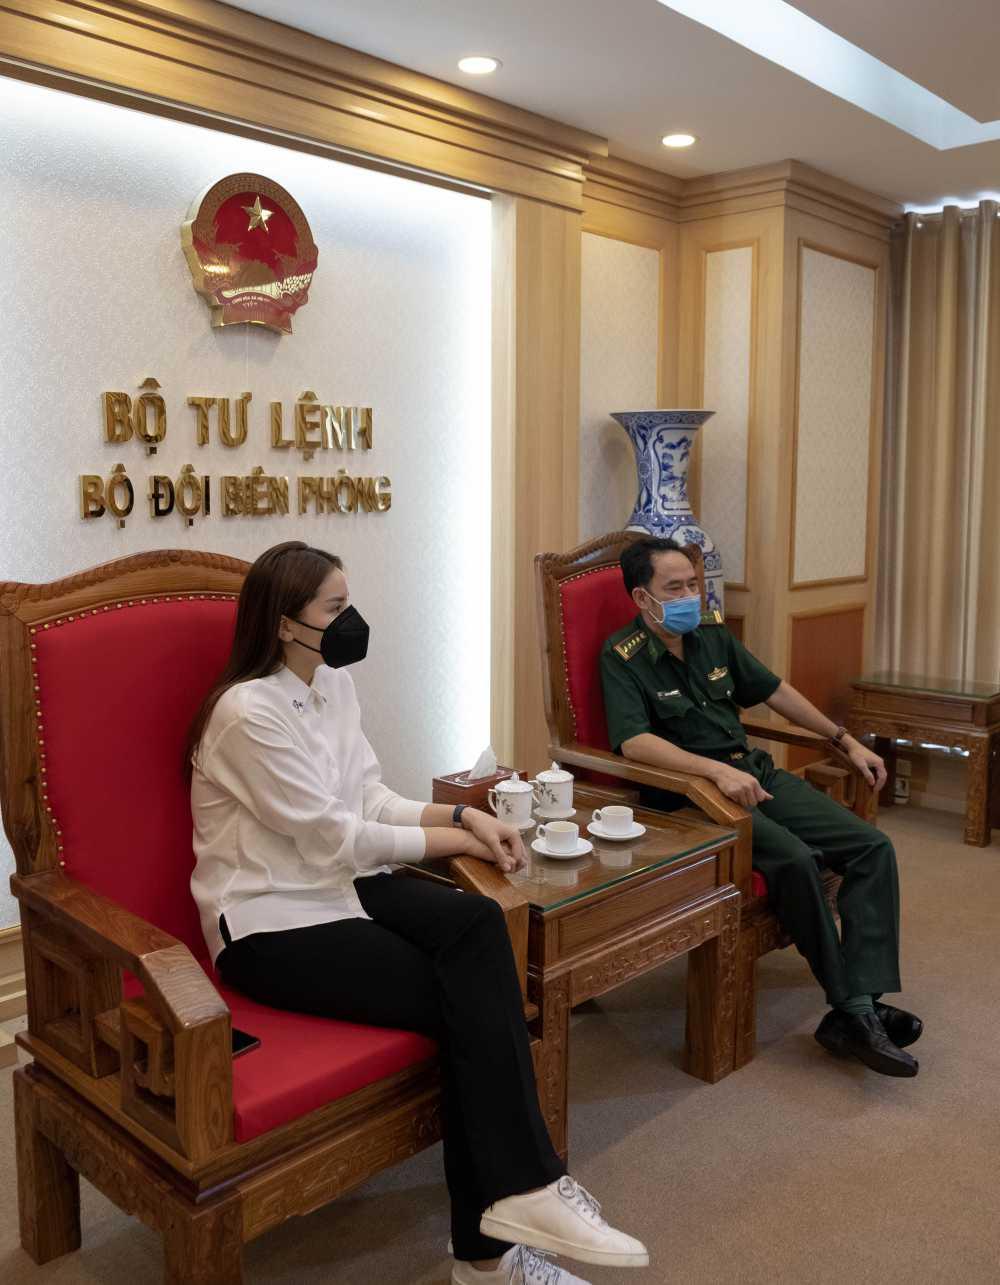 Sau hàng loạt sao Việt, Hoa hậu Kỳ Duyên cũng đã có hành động ý nghĩa này gửi tới các chiến sĩ biên phòng giữa mùa dịch-7